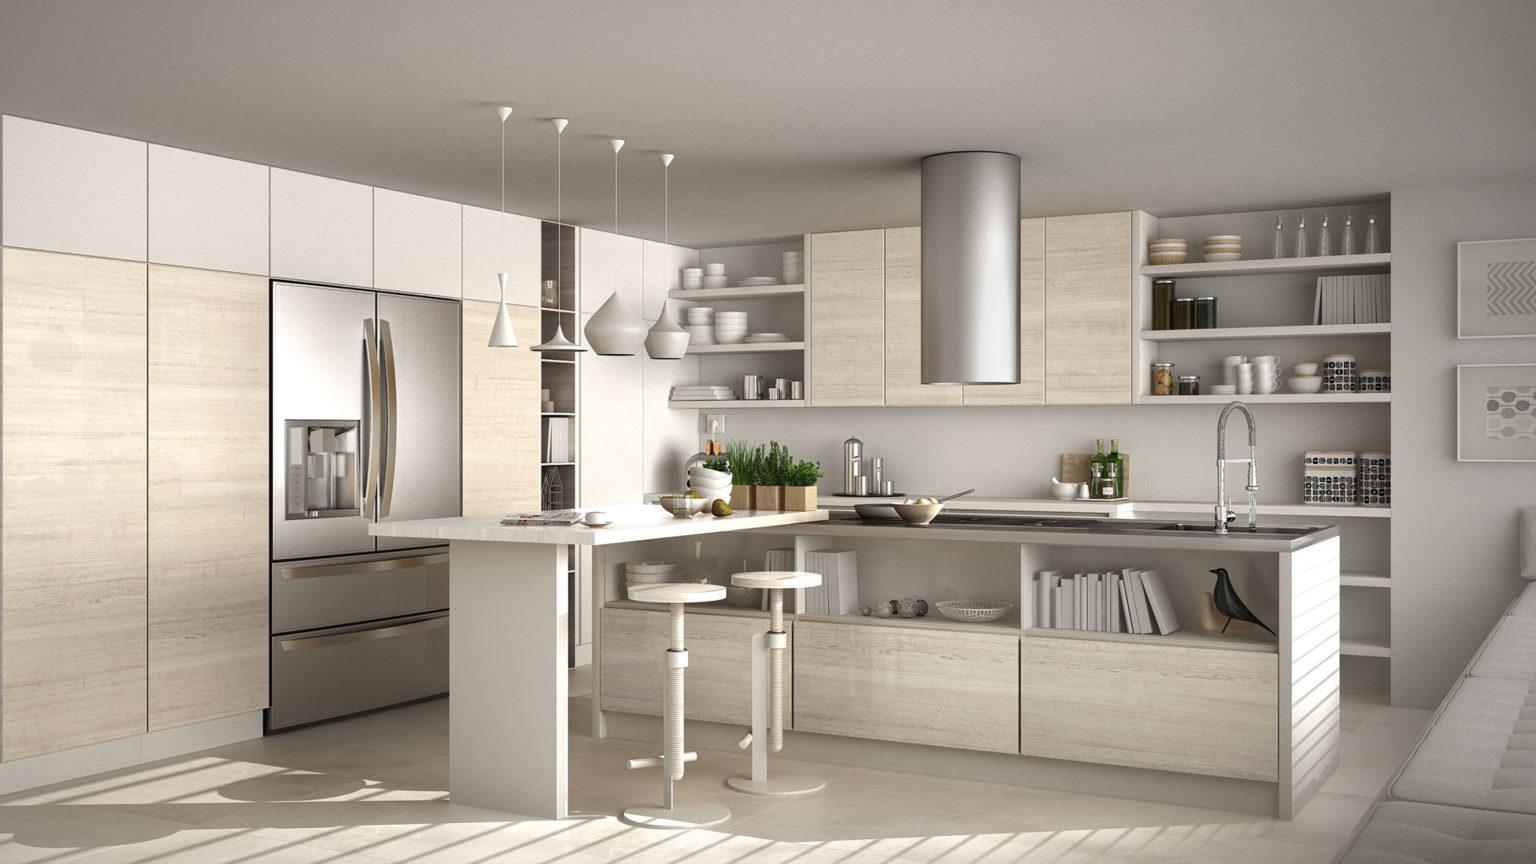 Mutfak İçin Mobilya Nasıl Seçilir?